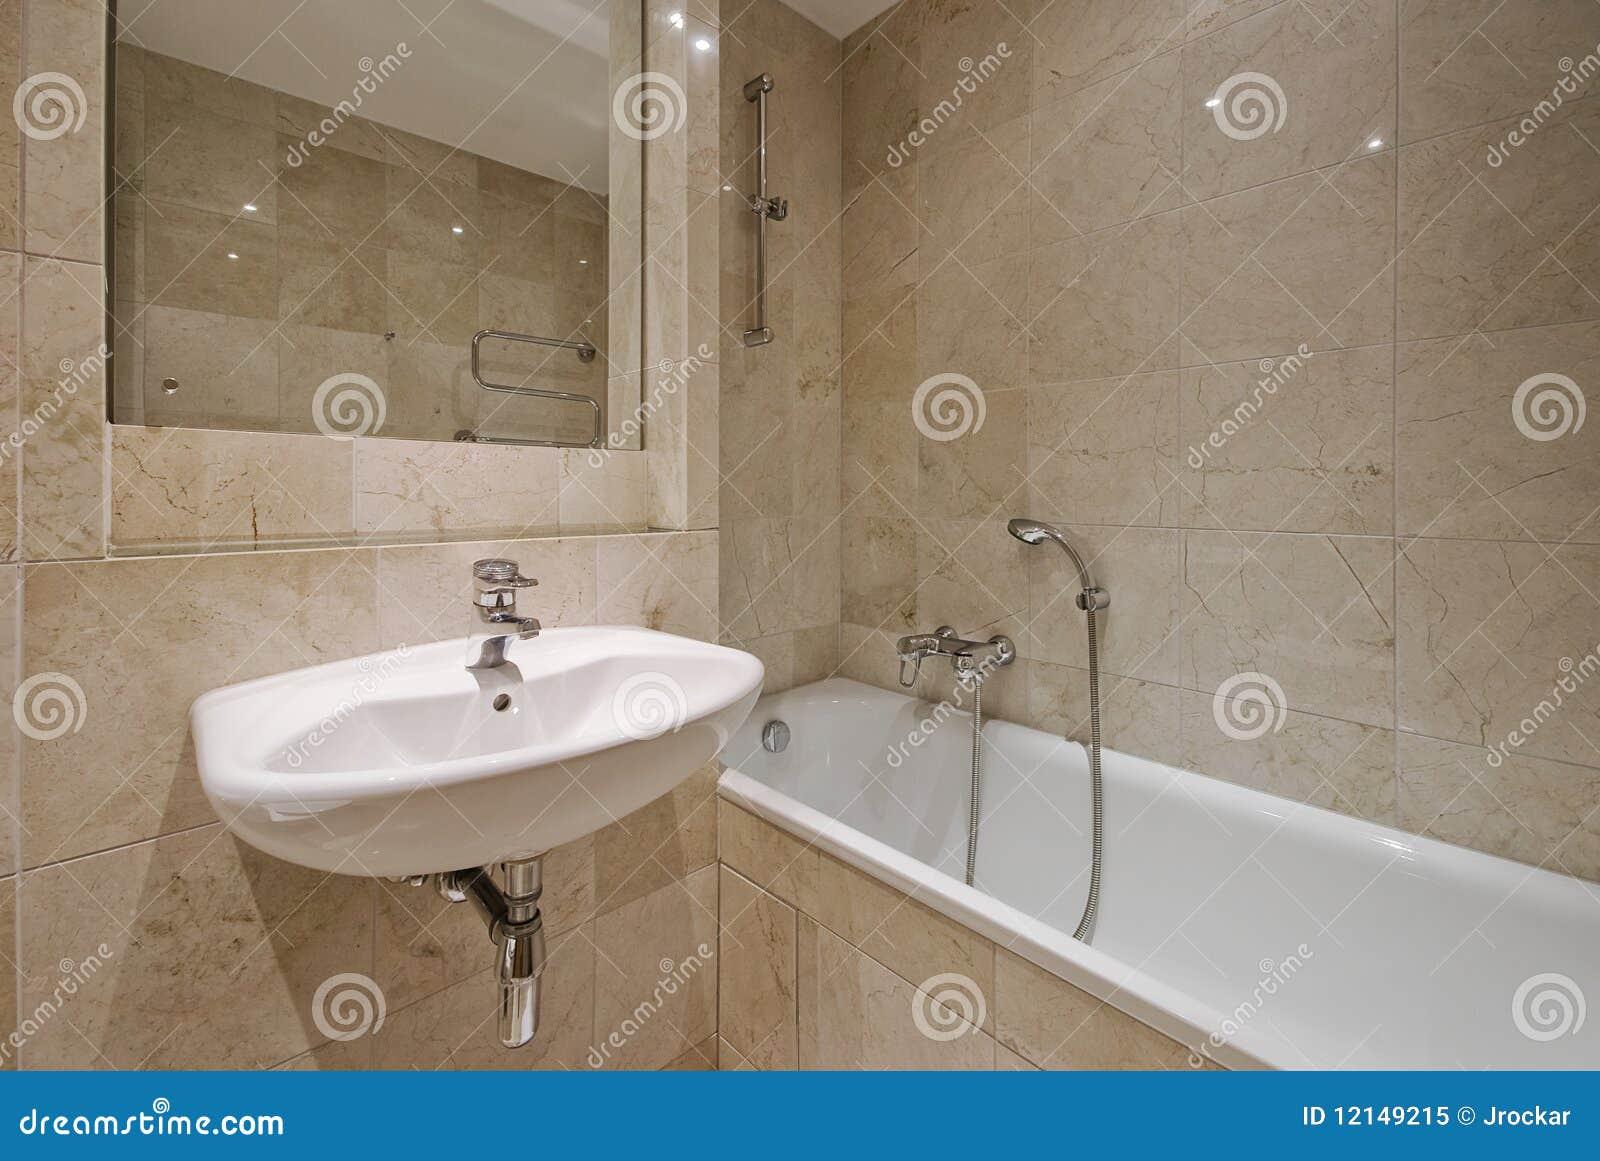 Banheiro luxuoso moderno com as telhas de mármore bege e a série  #84A823 1300x960 Banheiro Bege Com Cuba Branca